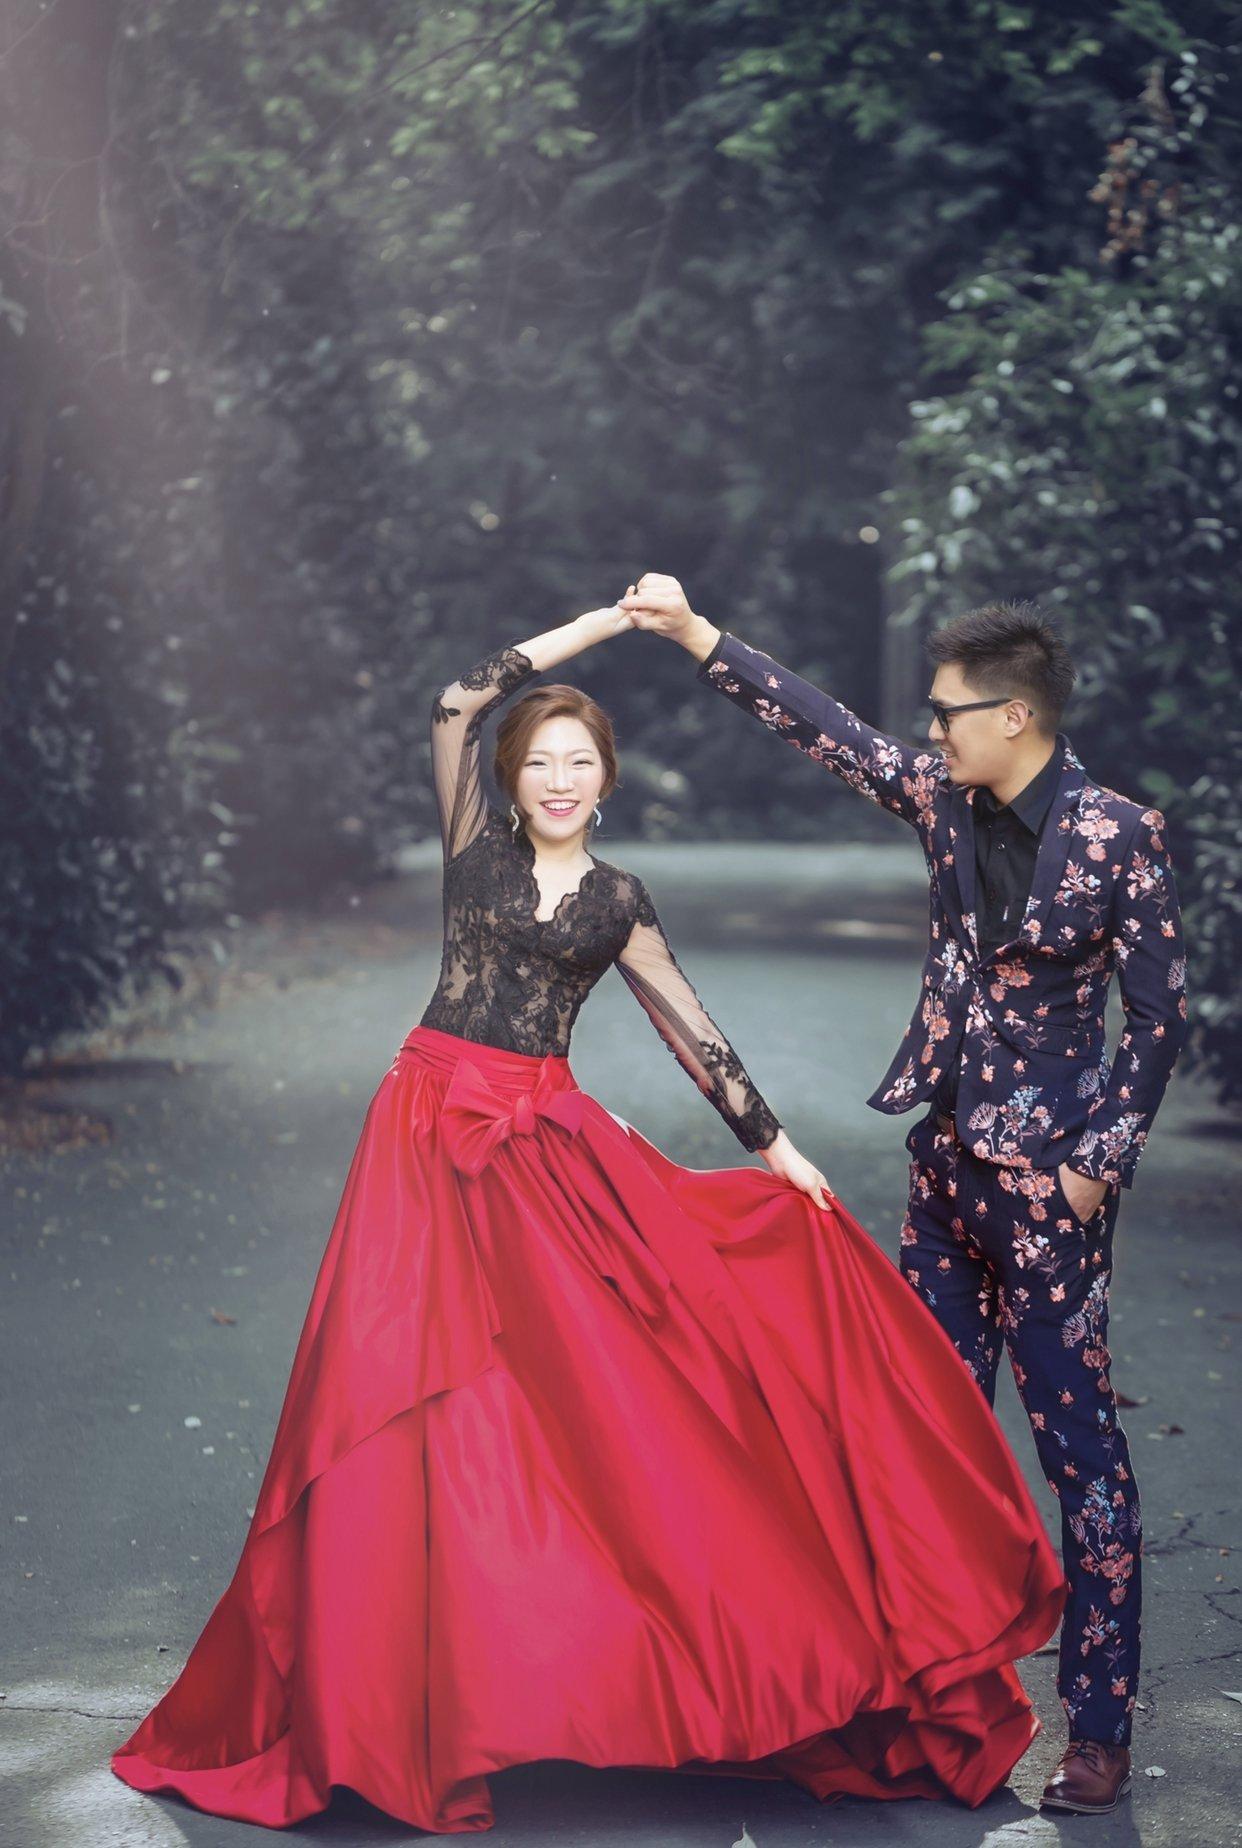 嘉義紐約紐約婚紗攝影-拍照心得分享1